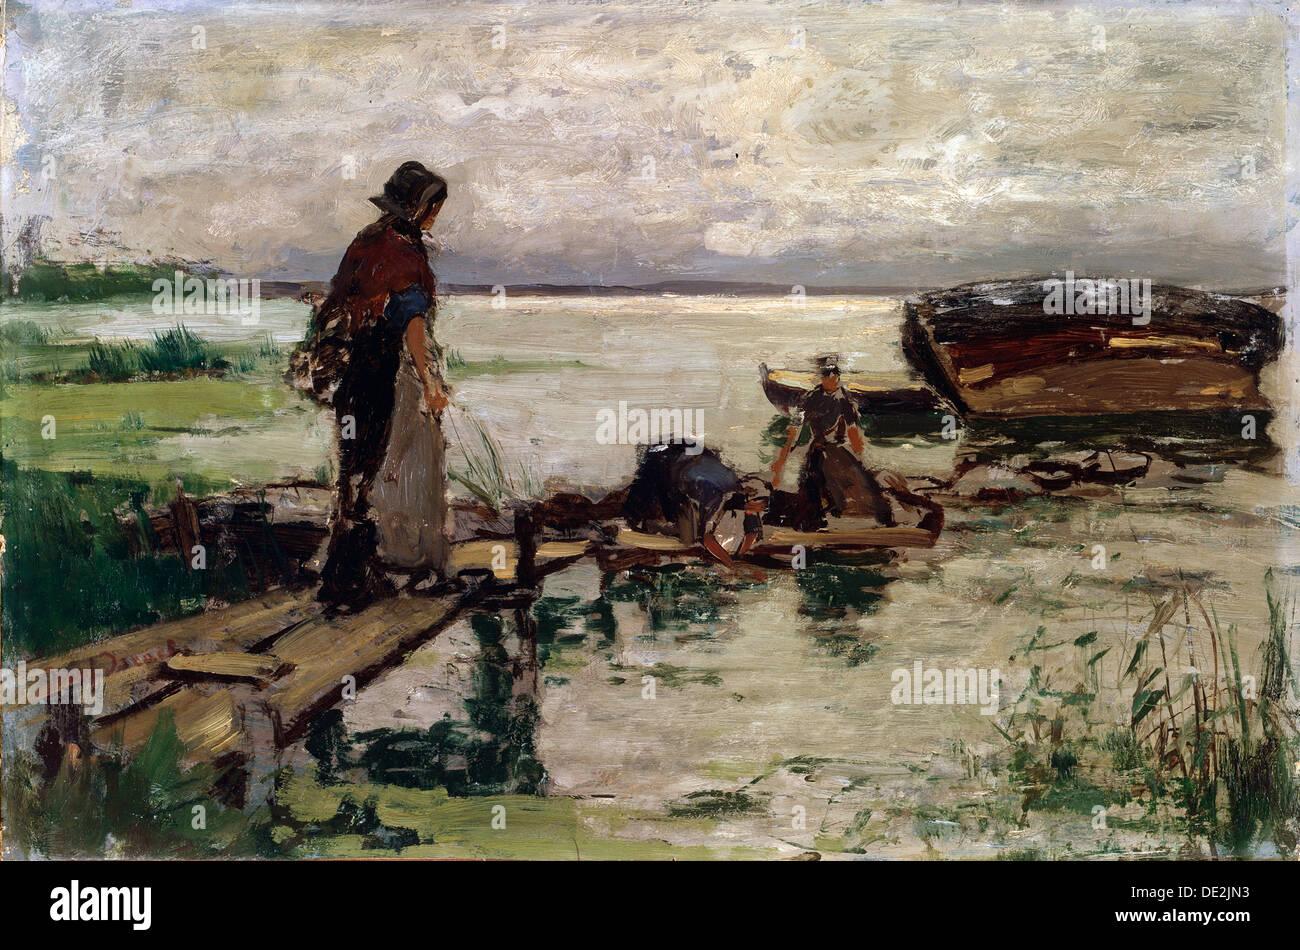 'À la mer', 19e ou au début du xxe siècle. Artiste: Jozef Israels Photo Stock